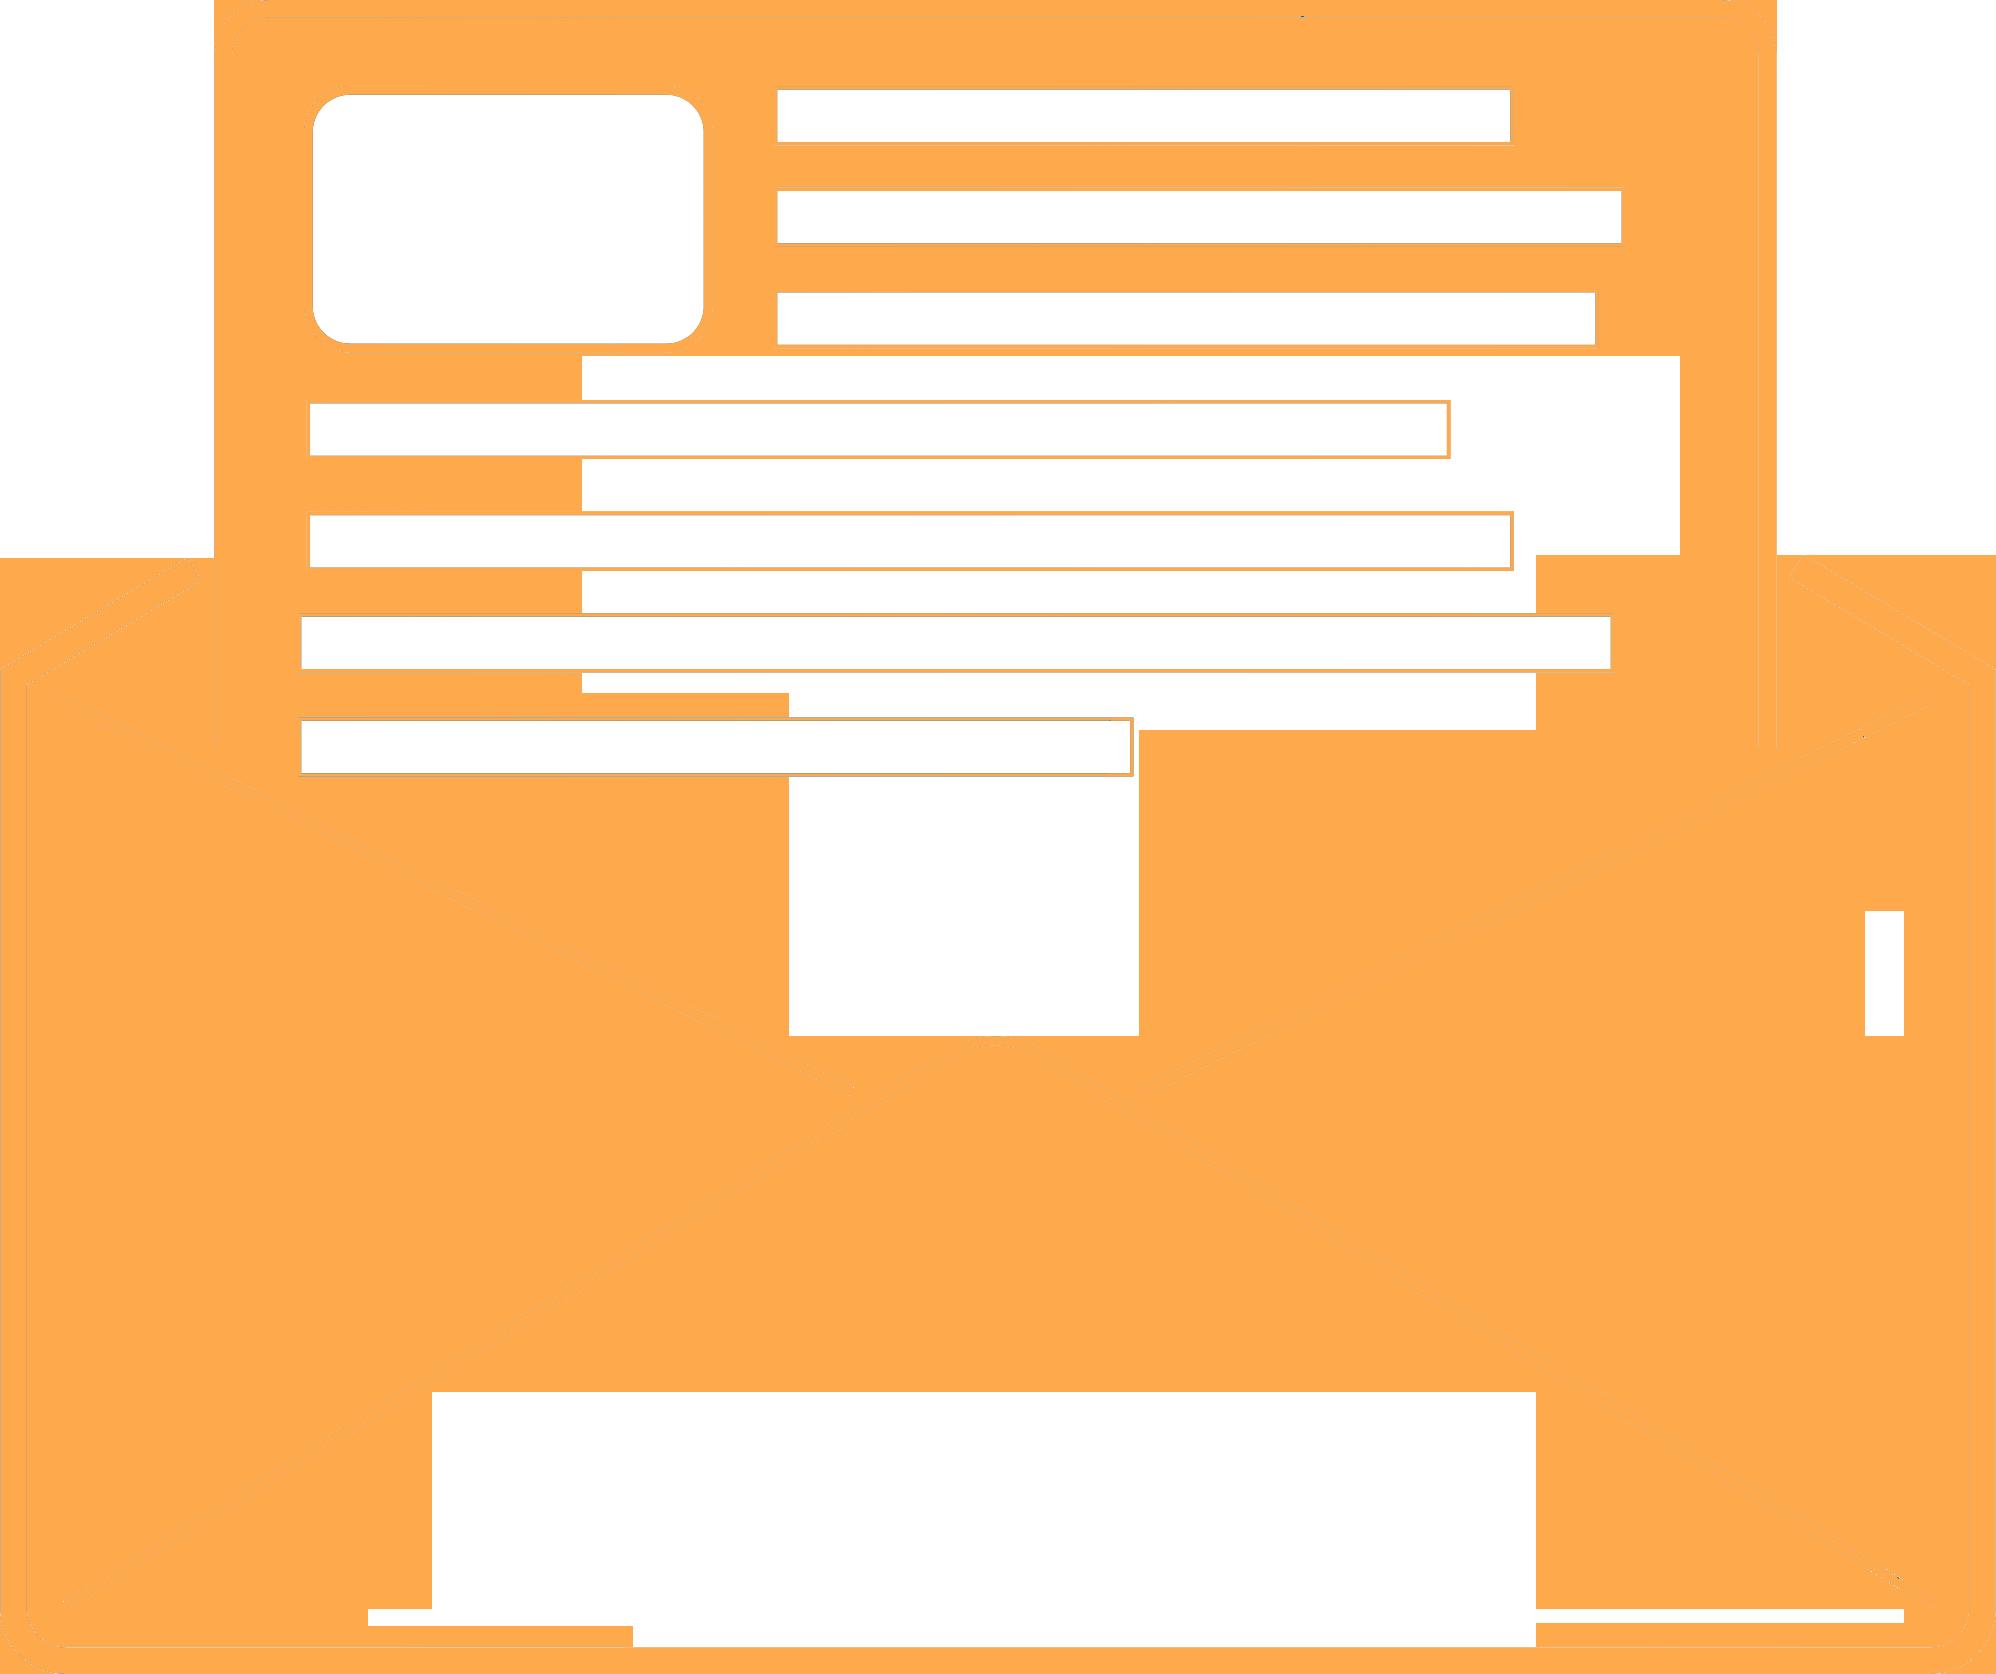 lettera contatti